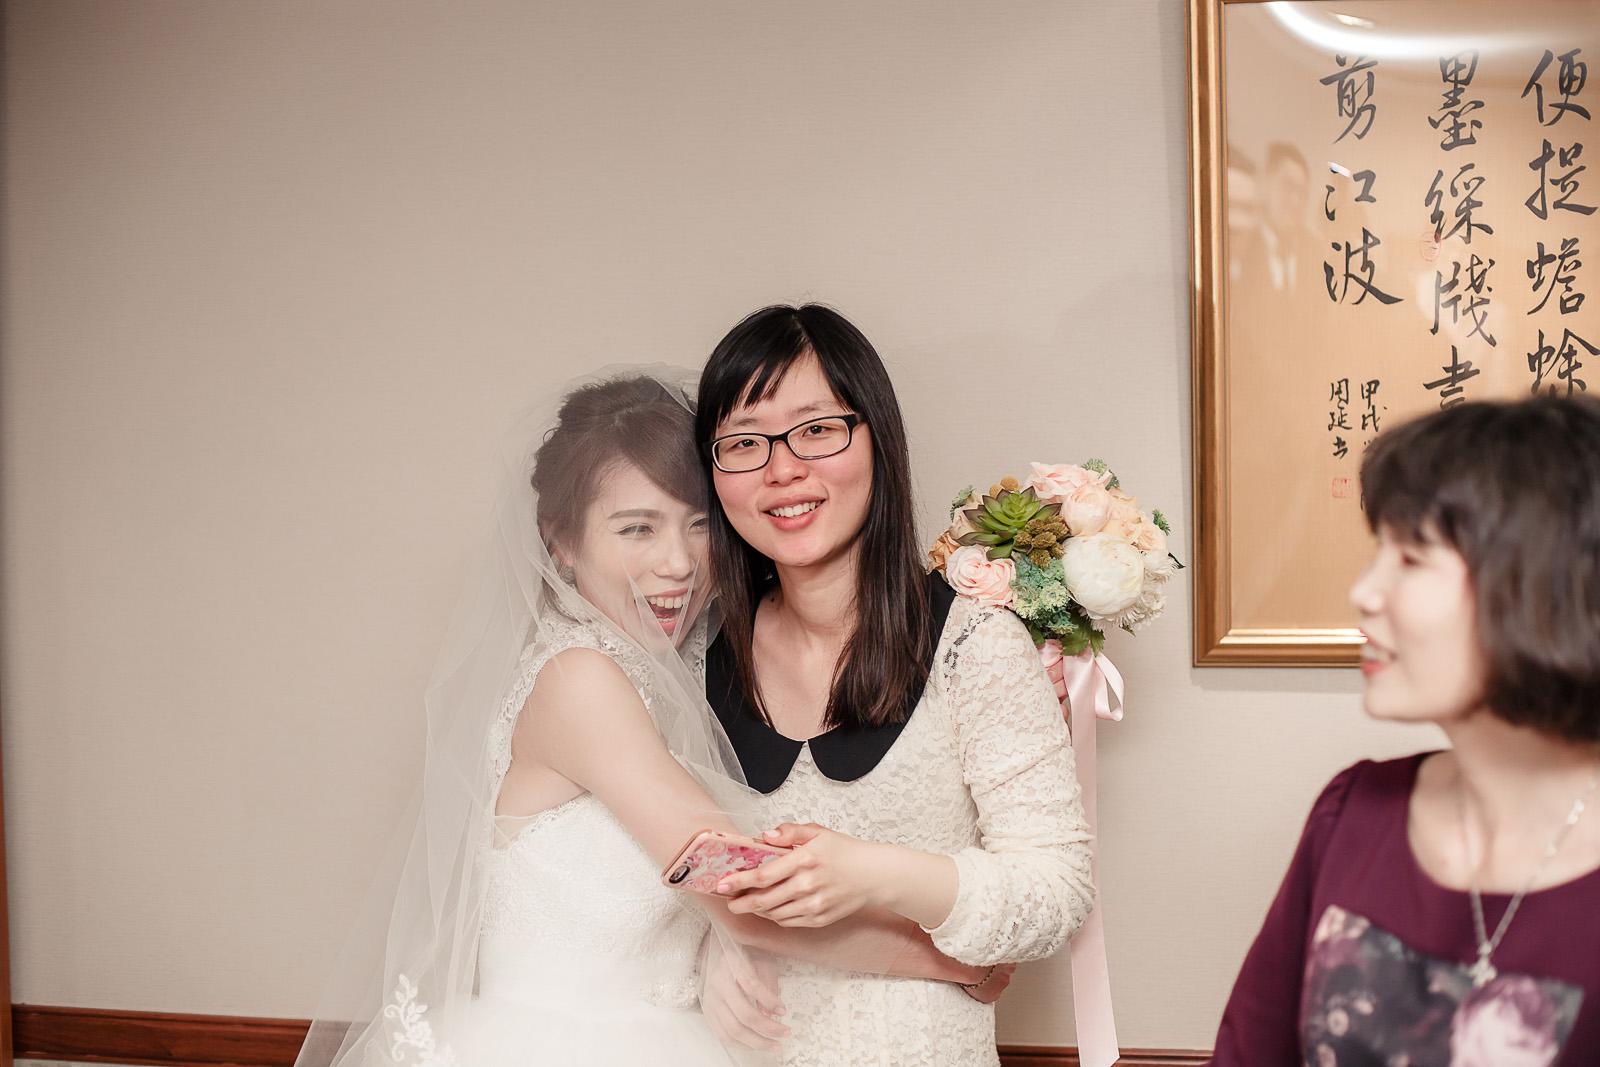 高雄圓山飯店,婚禮攝影,婚攝,高雄婚攝,優質婚攝推薦,Jen&Ethan-153